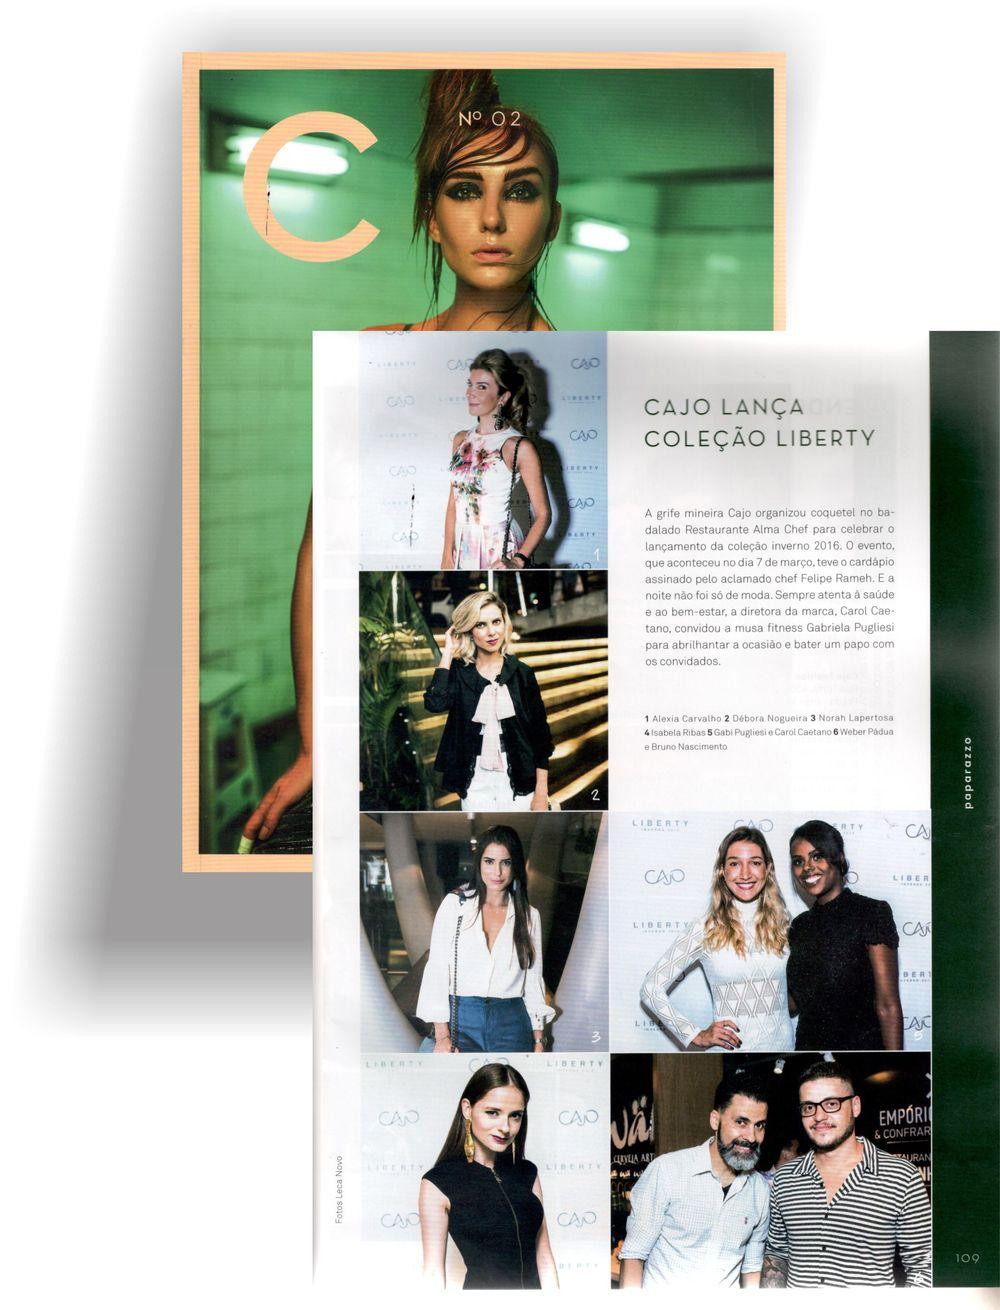 Cajo - revista Circuito Moda - Edição 02 - 2016 - 5.jpg